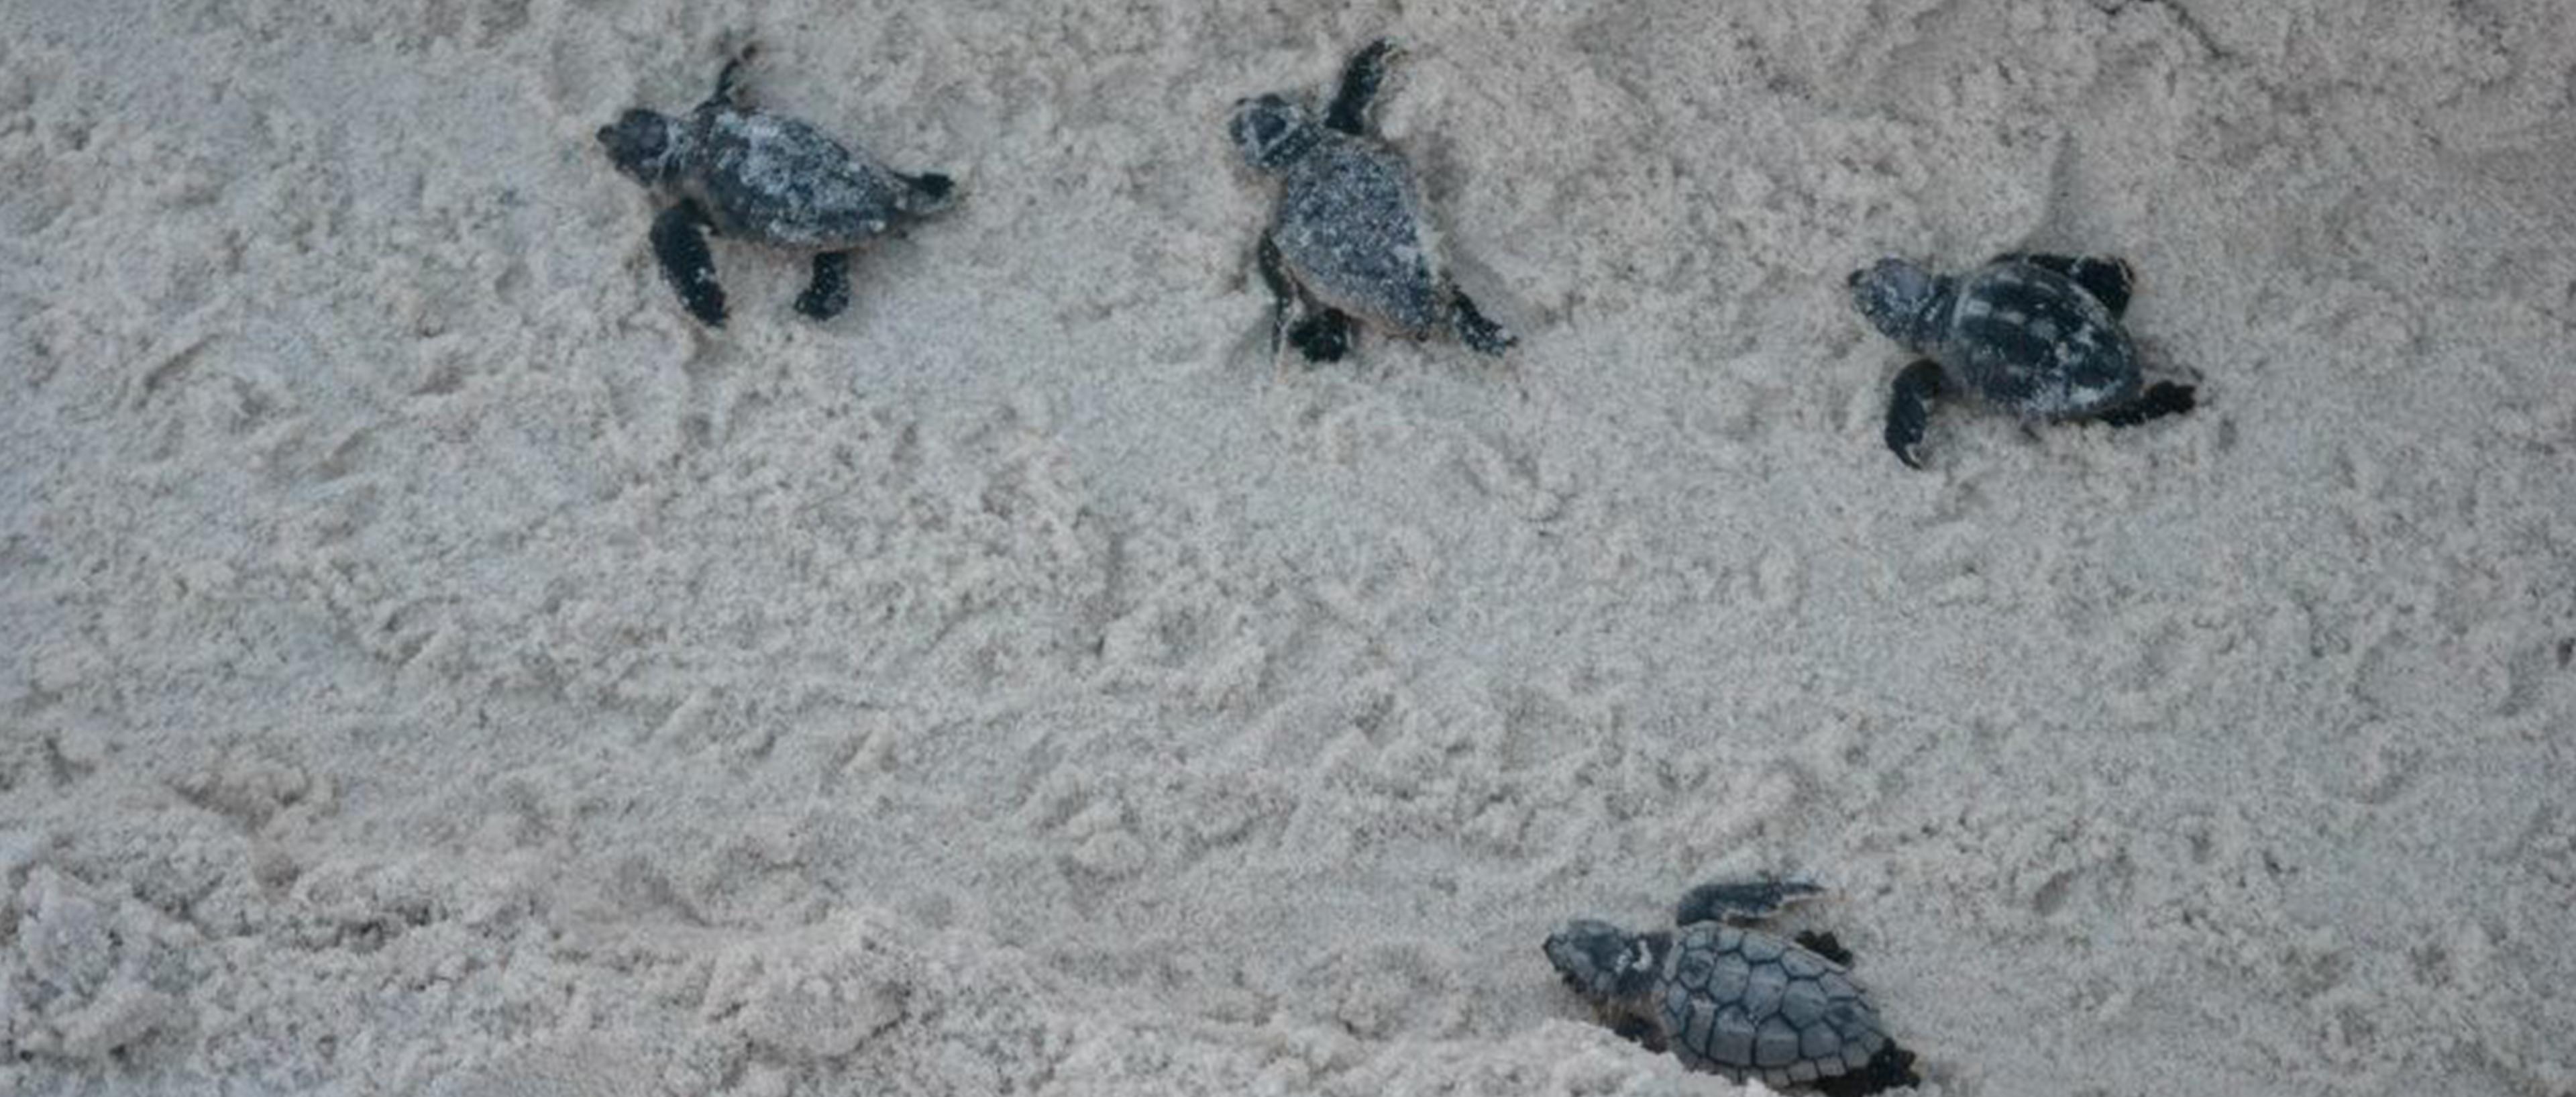 Turtlesblog